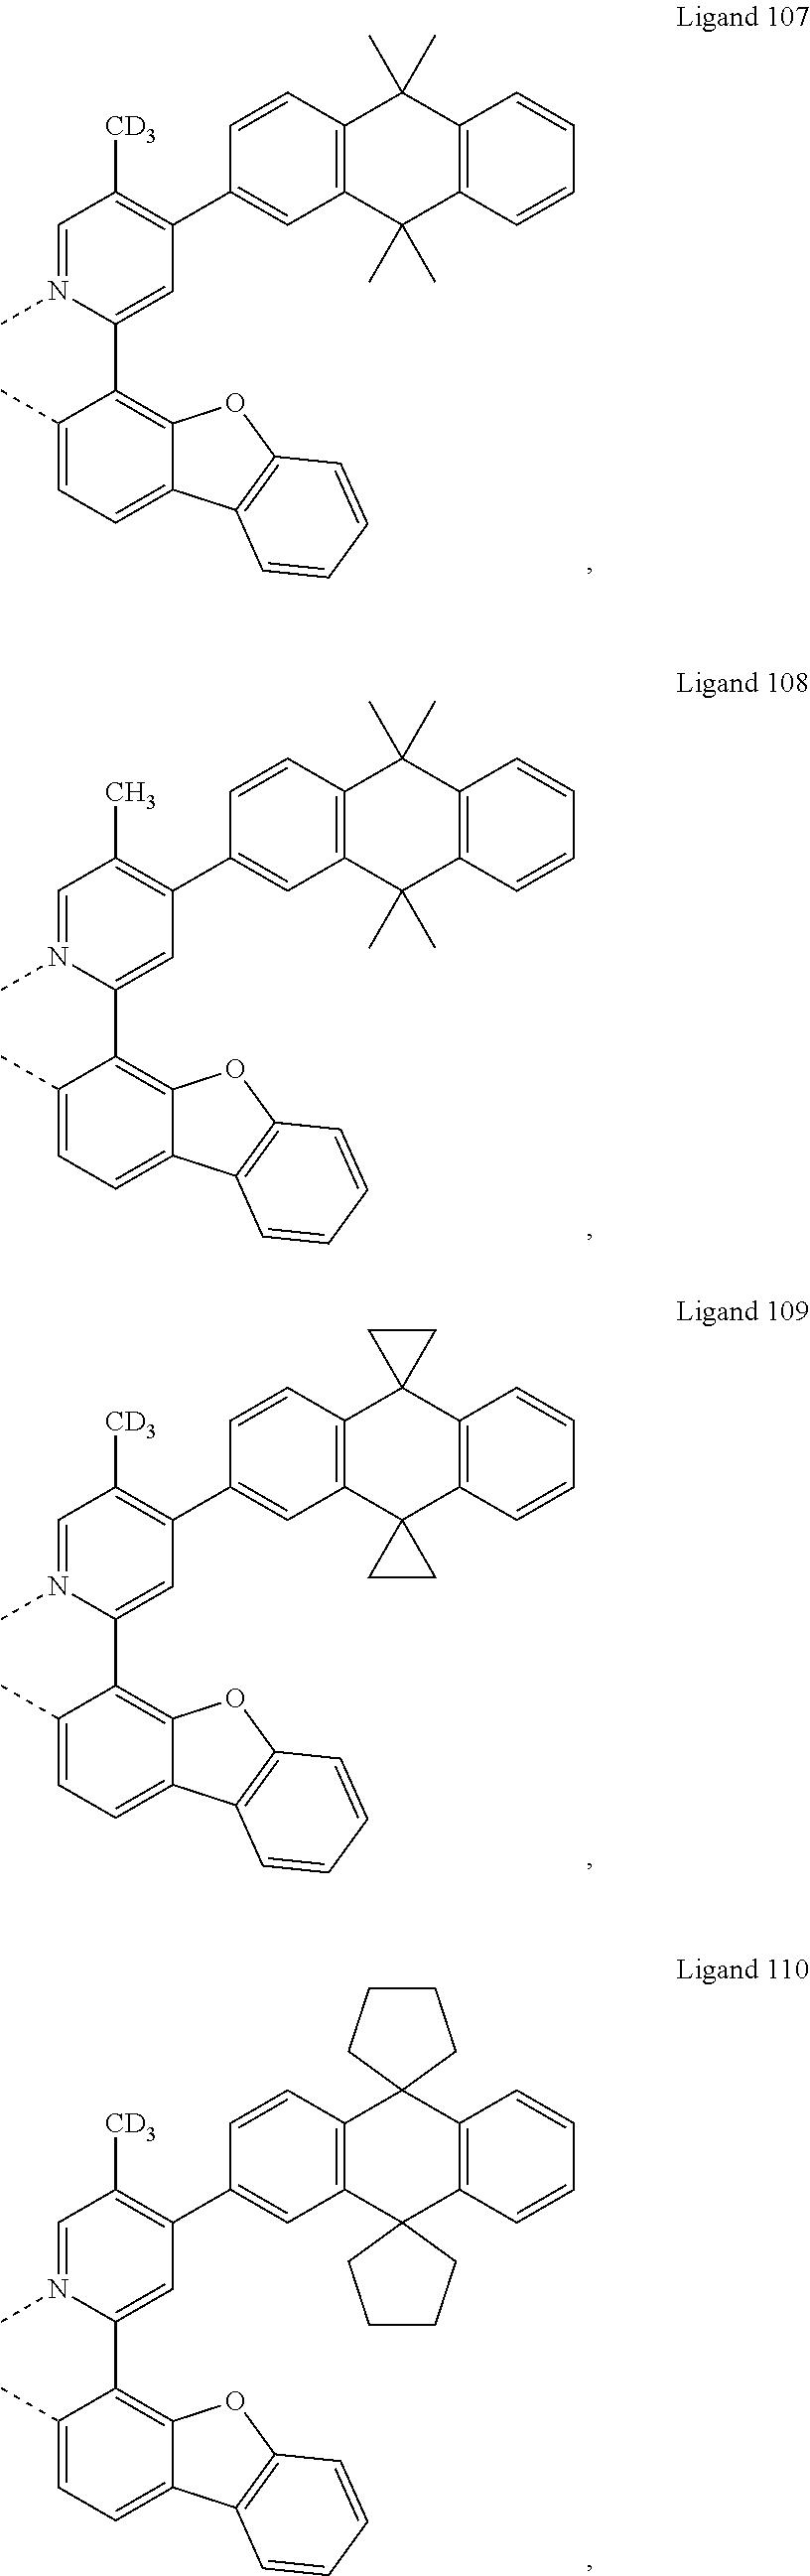 Figure US20180130962A1-20180510-C00253